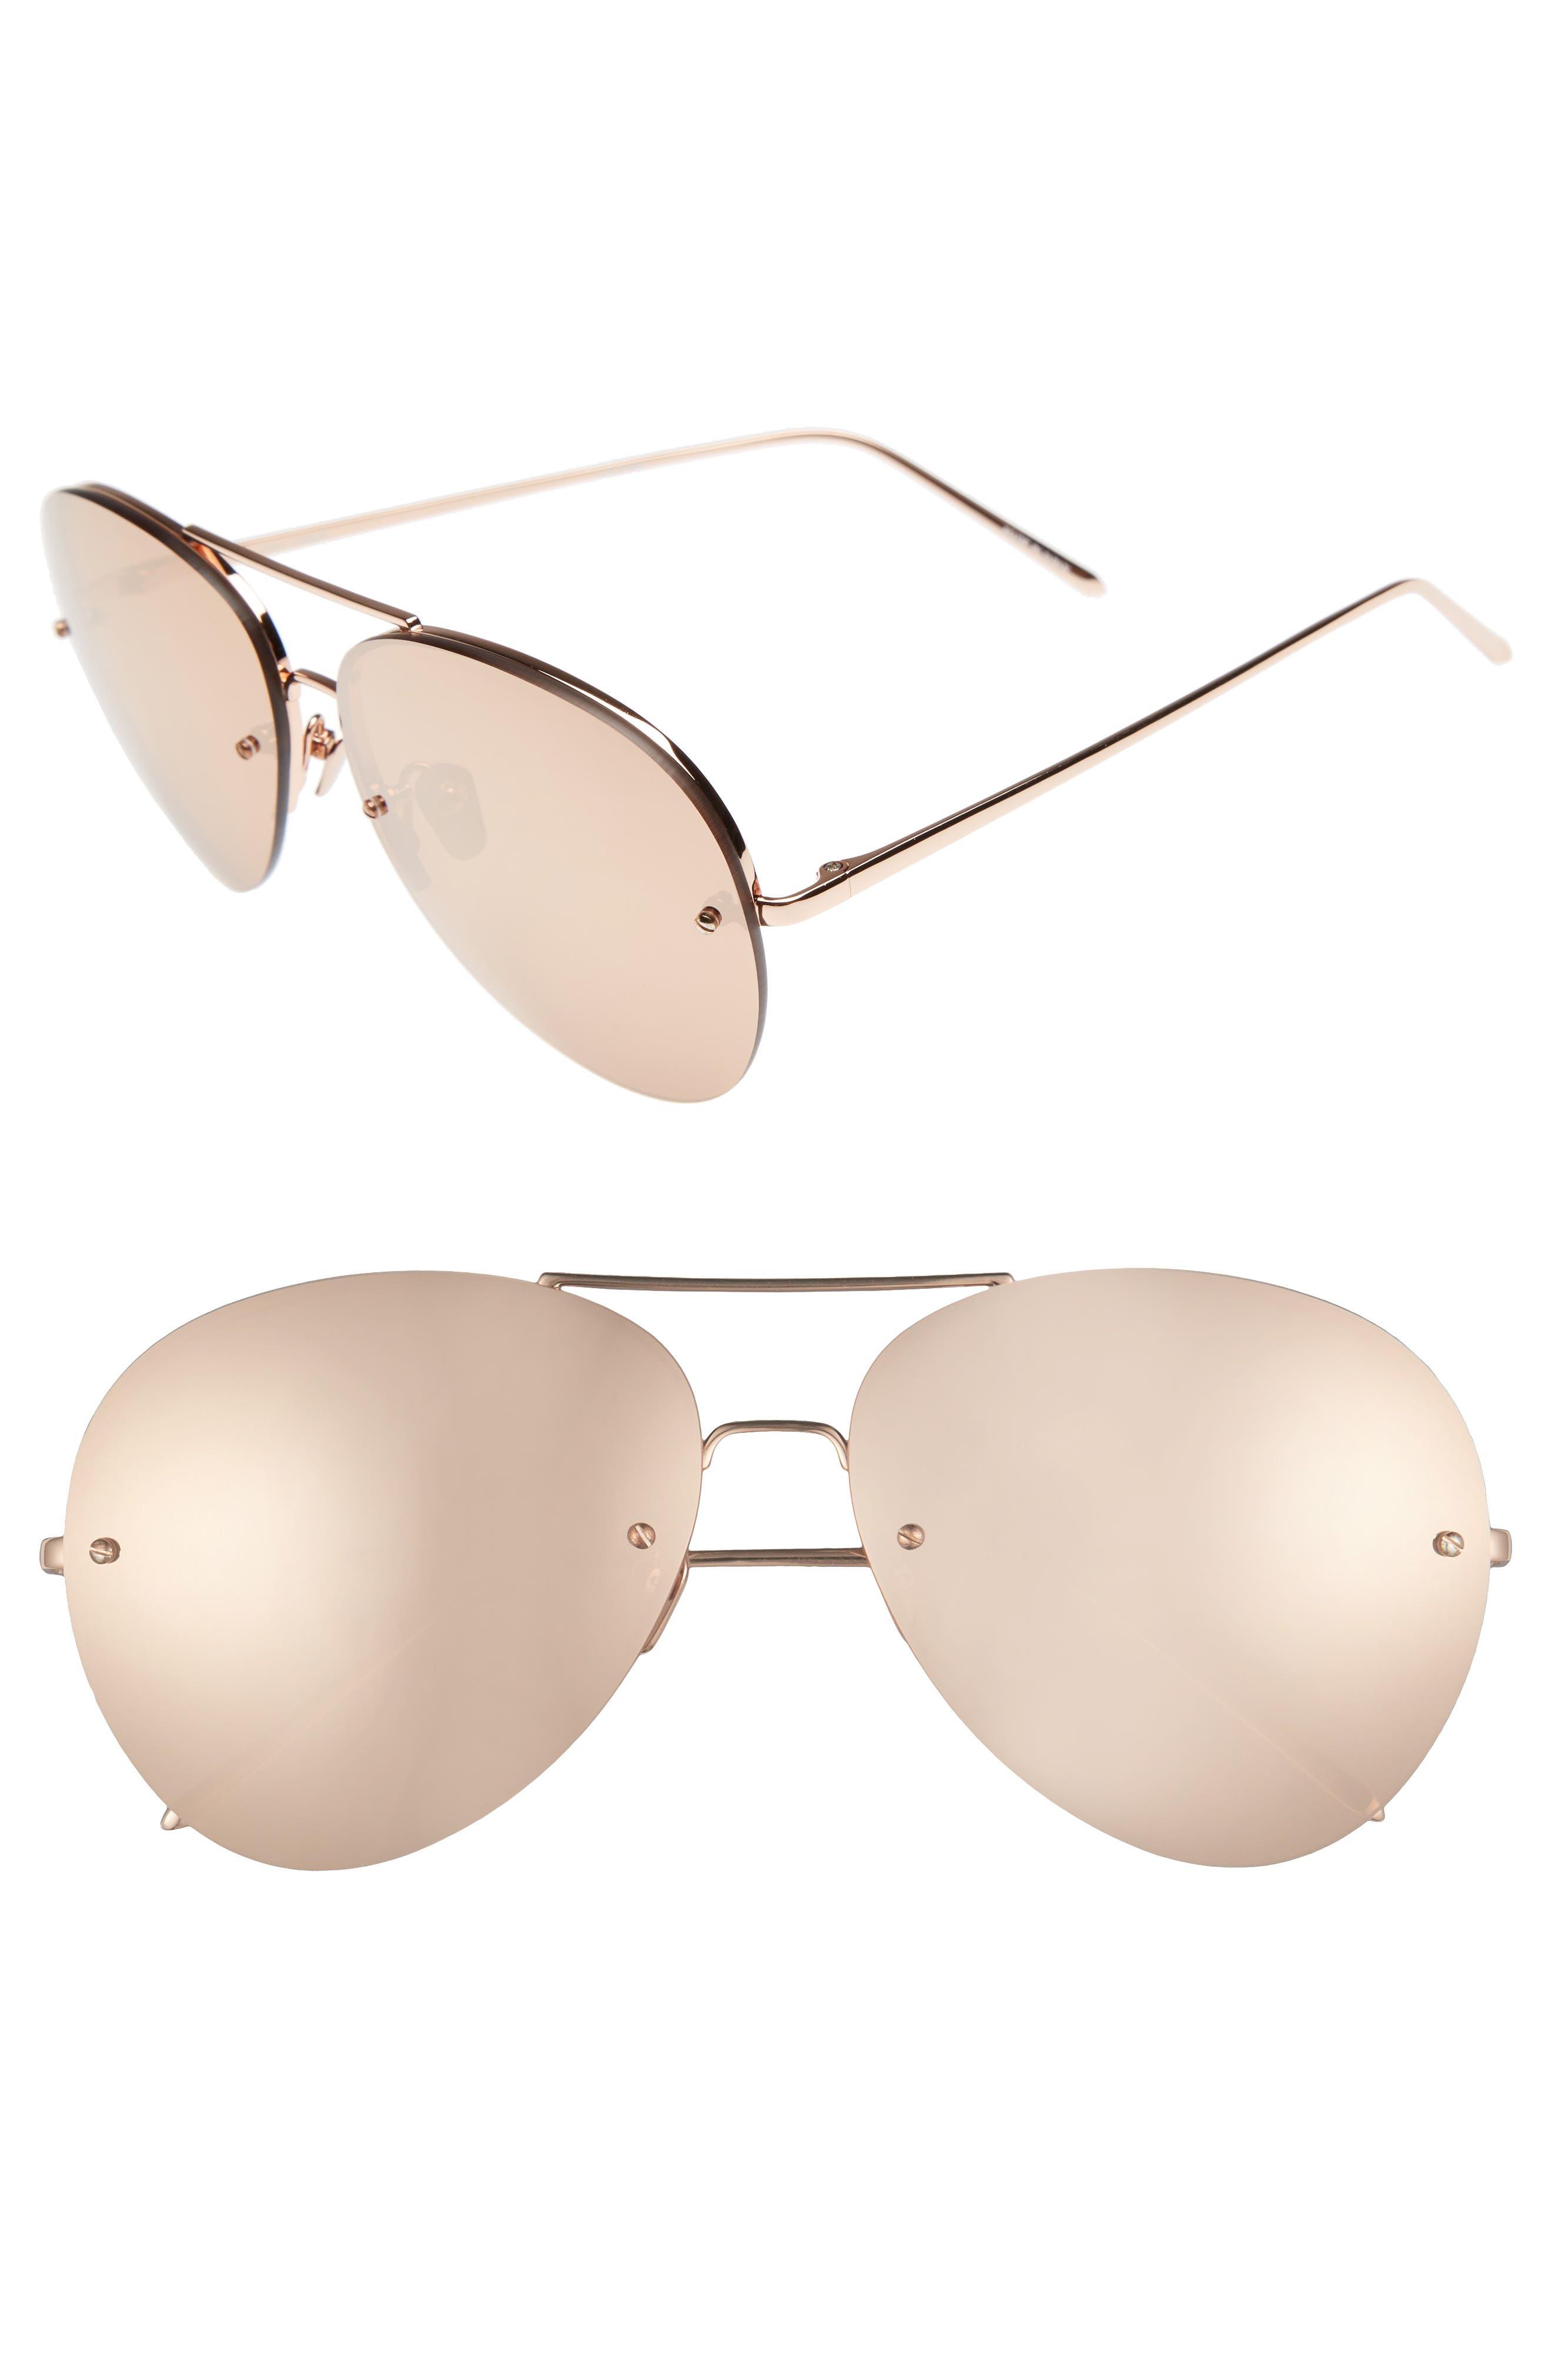 LINDA FARROW 63mm Titanium Aviator Sunglasses